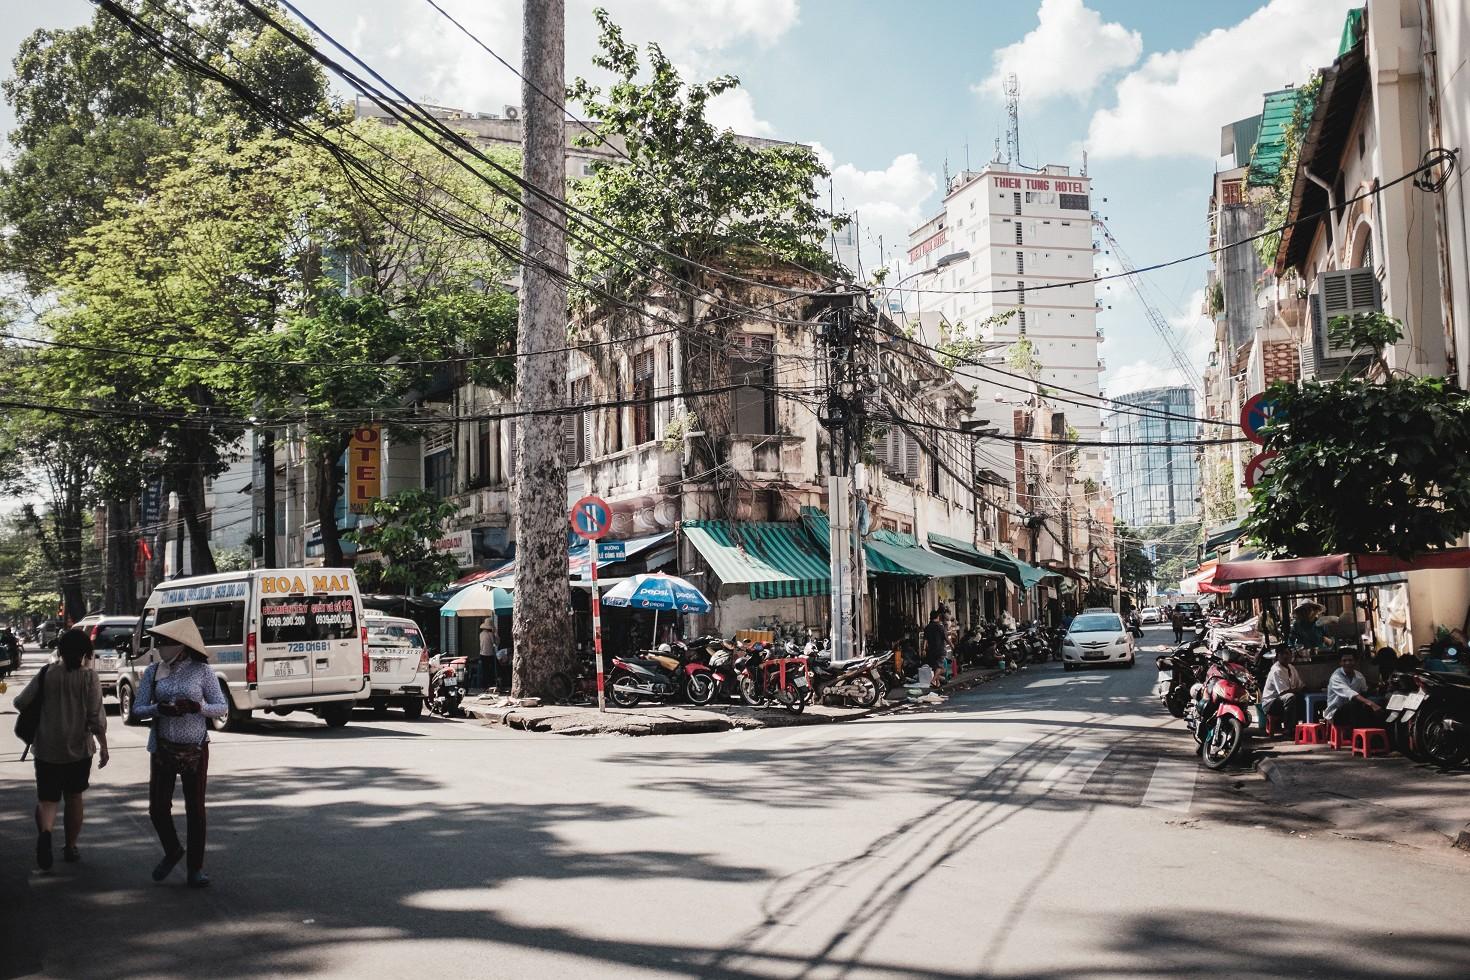 Vietnam-Ho-Chi-Minh-City-Saigon-Reportage (12 von 16)